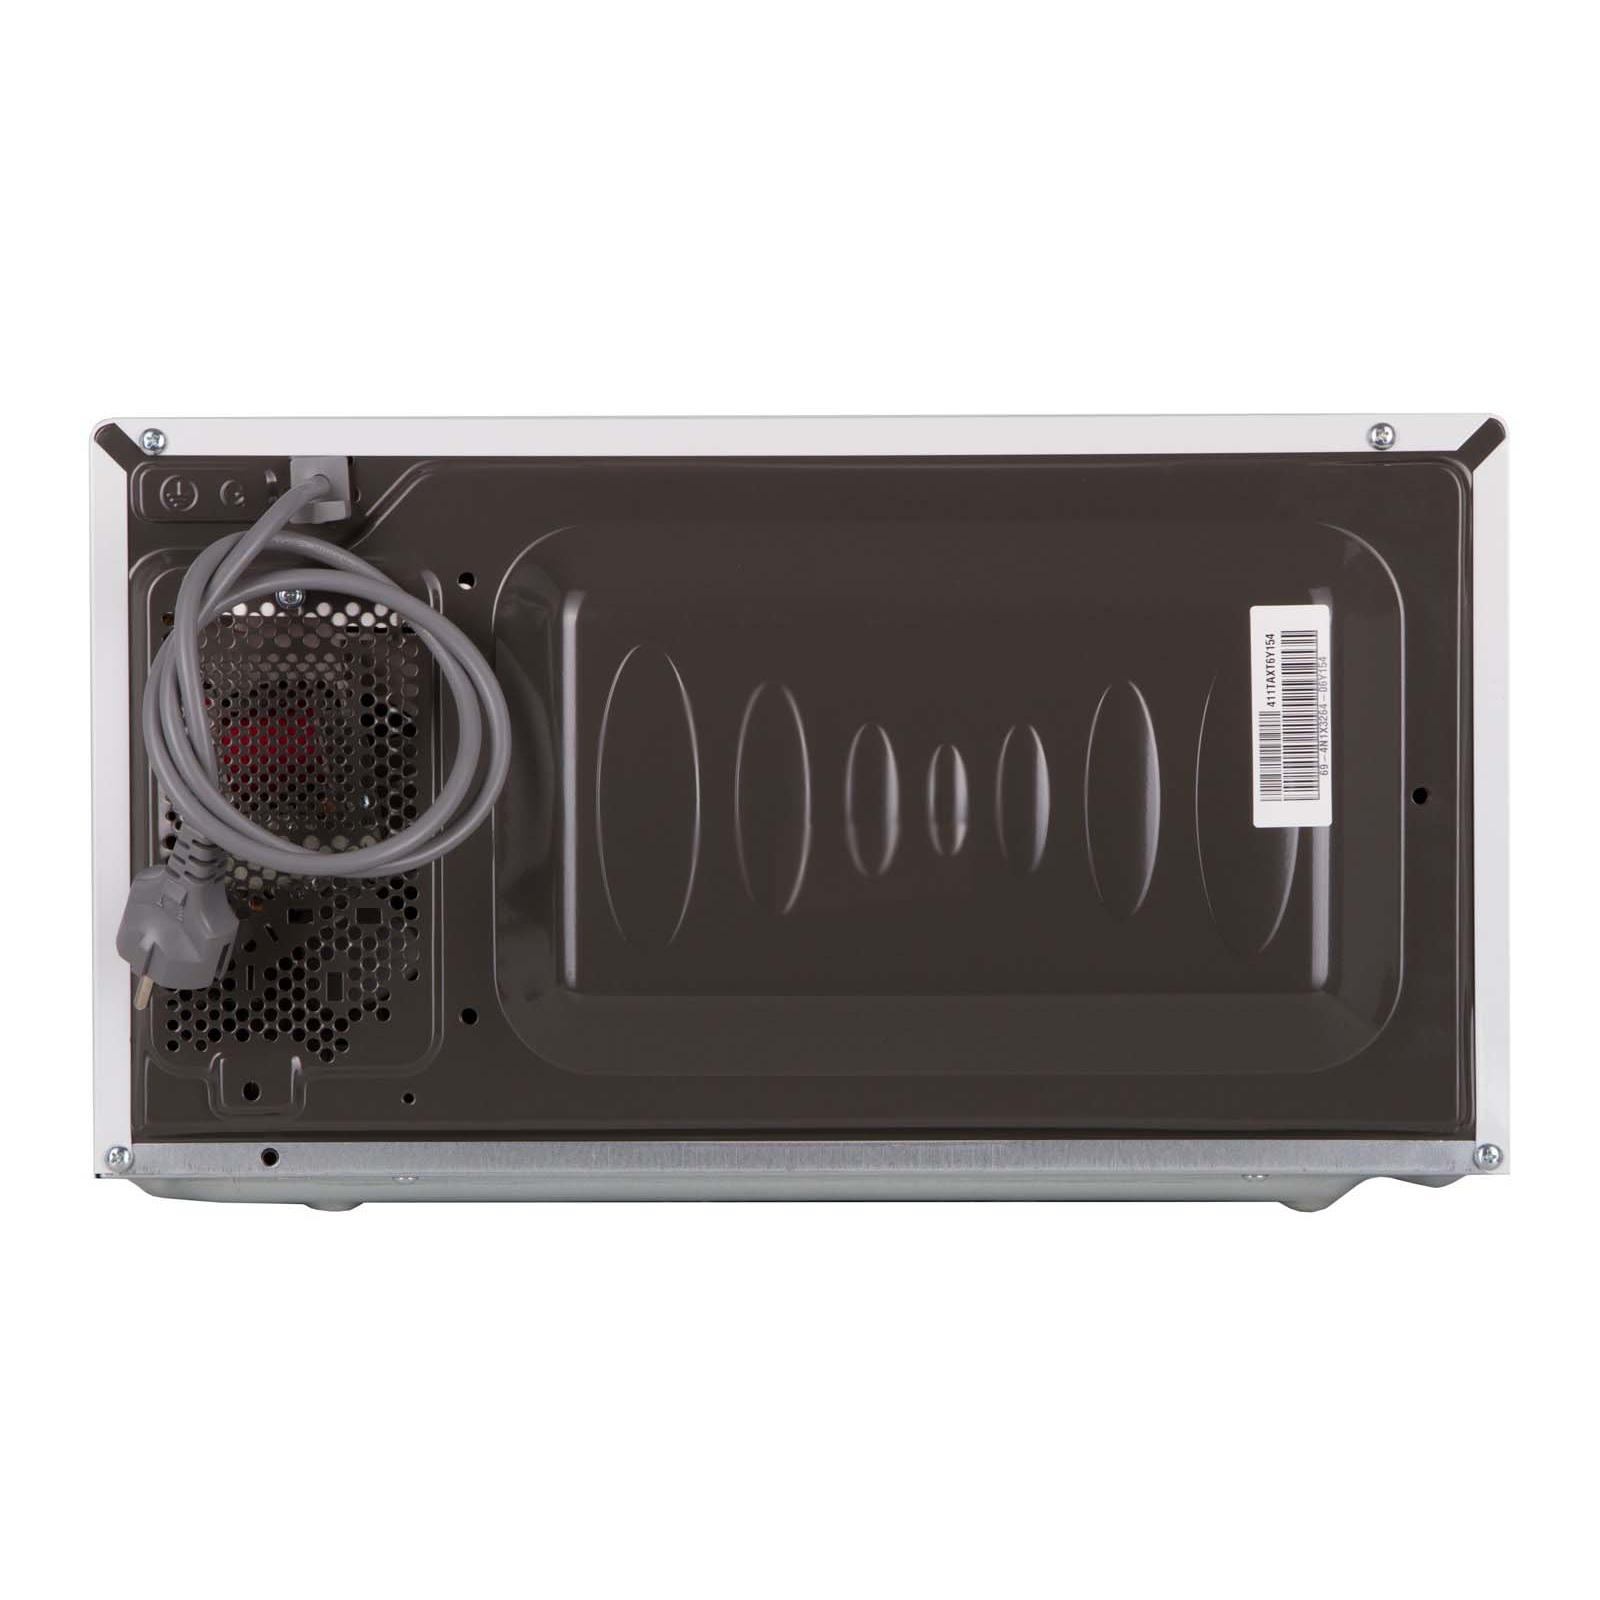 Микроволновая печь LG MS2043DAC изображение 4